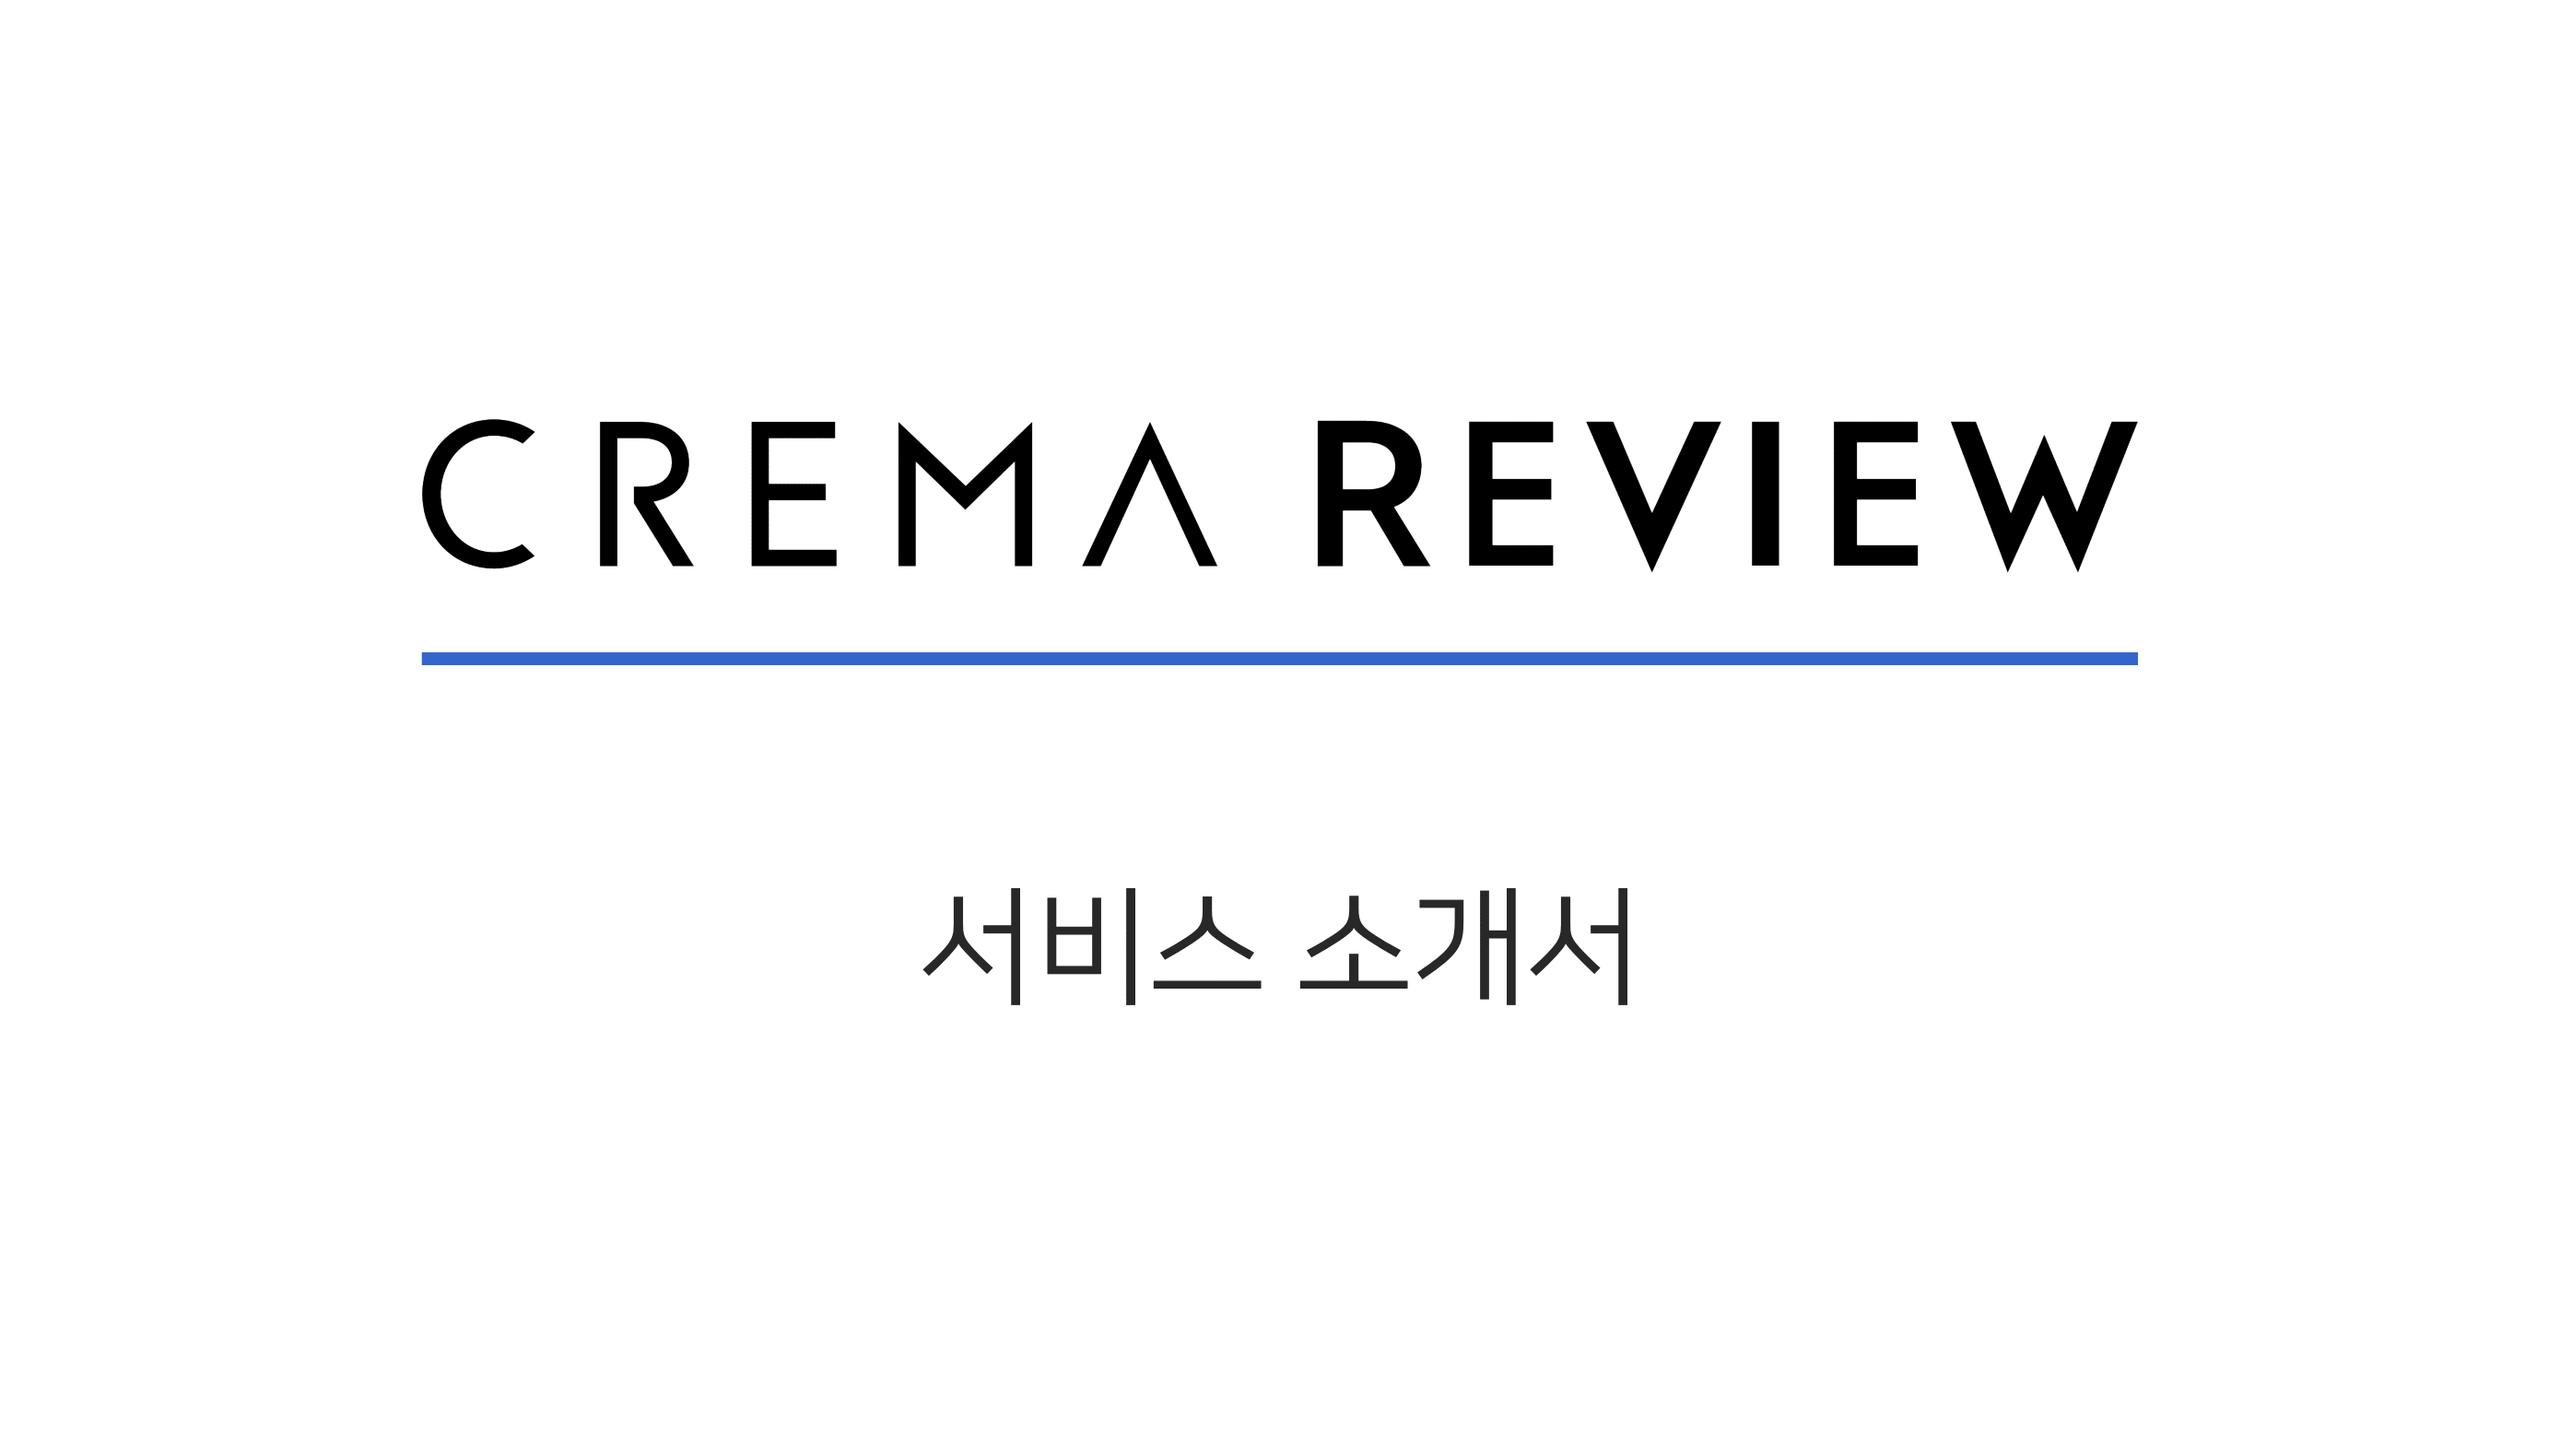 [CREMA] 크리마 리뷰 서비스 소개서_20191003-01